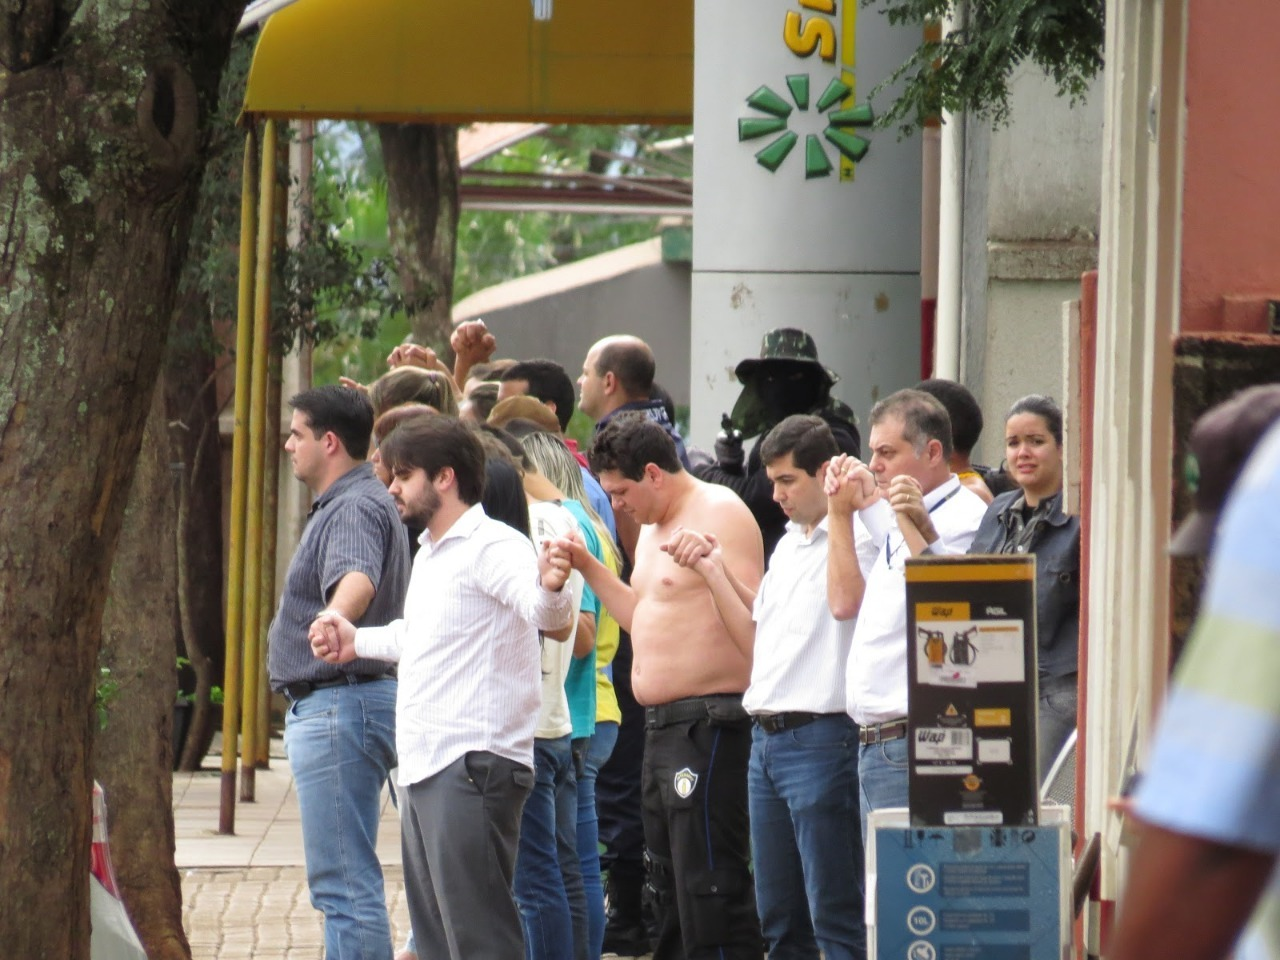 Bandidos fazem 'cordão humano' para roubar bancos no norte do Paraná